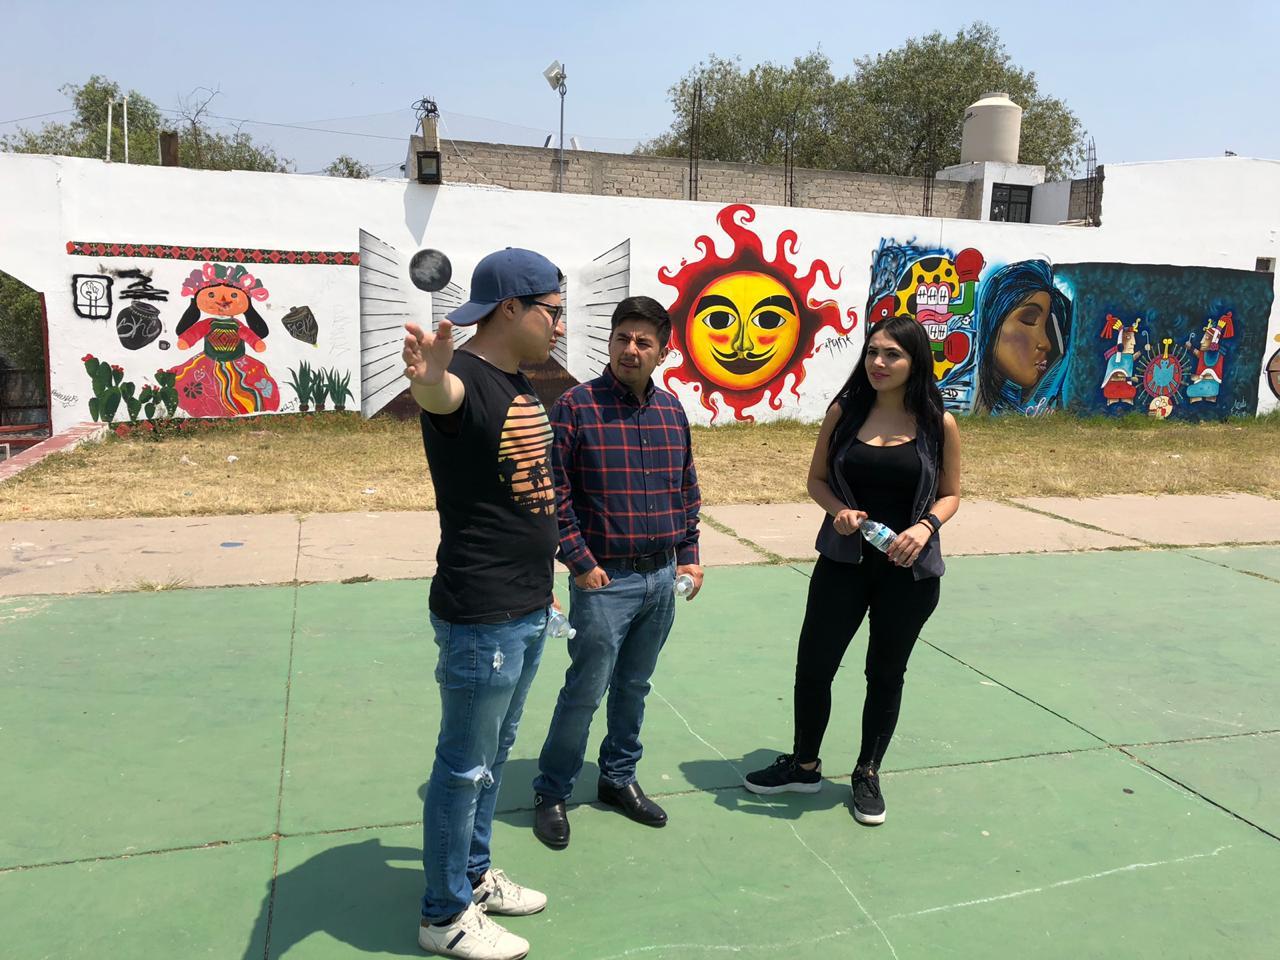 Se le esta dando un recorrido al director del Instituto Mexicano de la Juventud Guillermo Santiago por las instalaciones de un centro de territorio joven y explicando los diferentes significados que tienes los muros de arte urbano, pintados por jóvenes mexicanos.